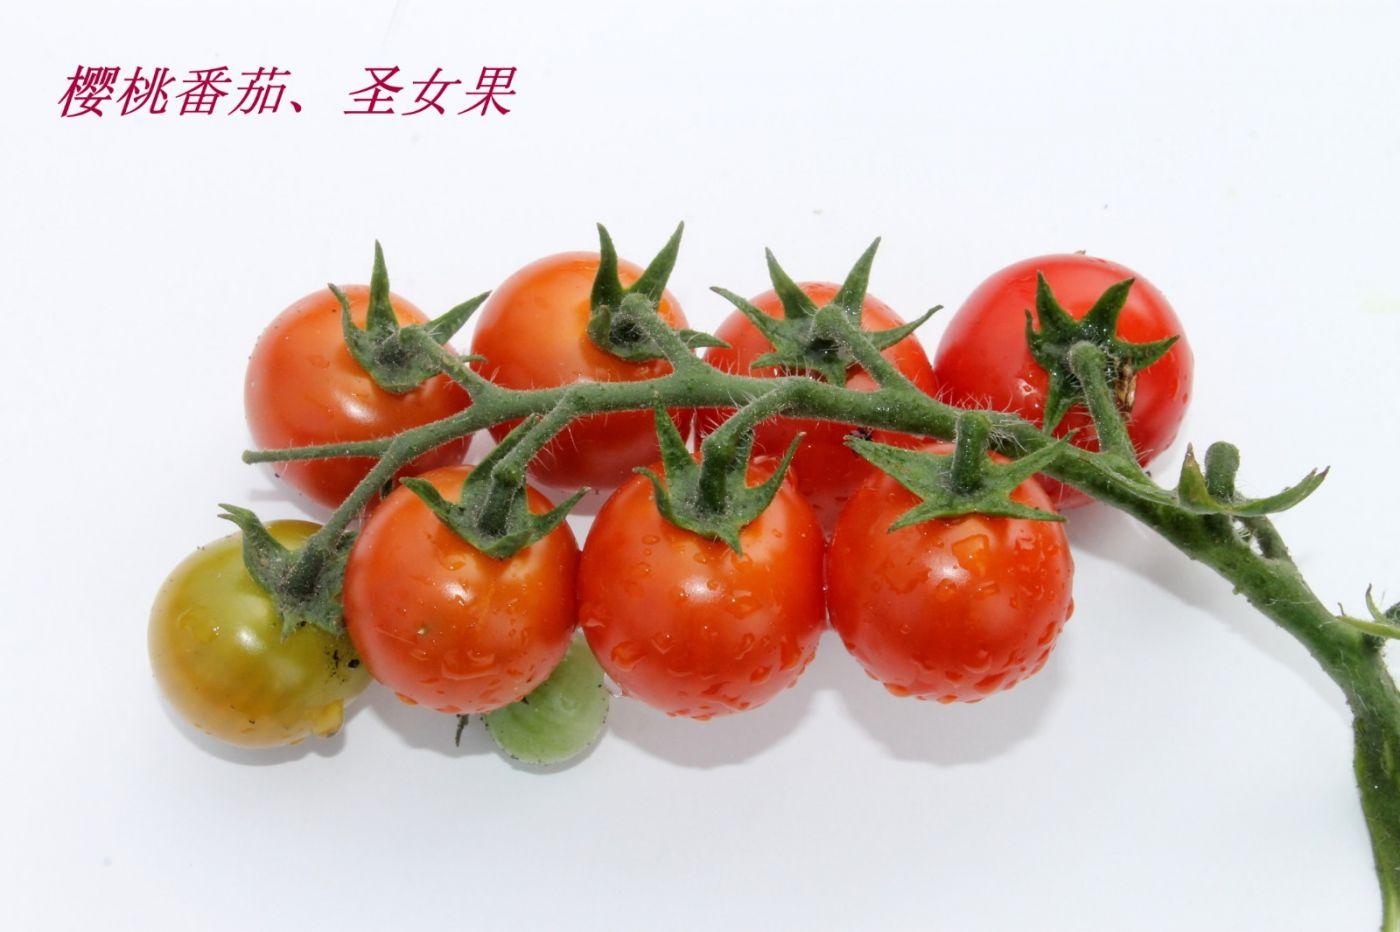 花草图谱 (14)_图1-11